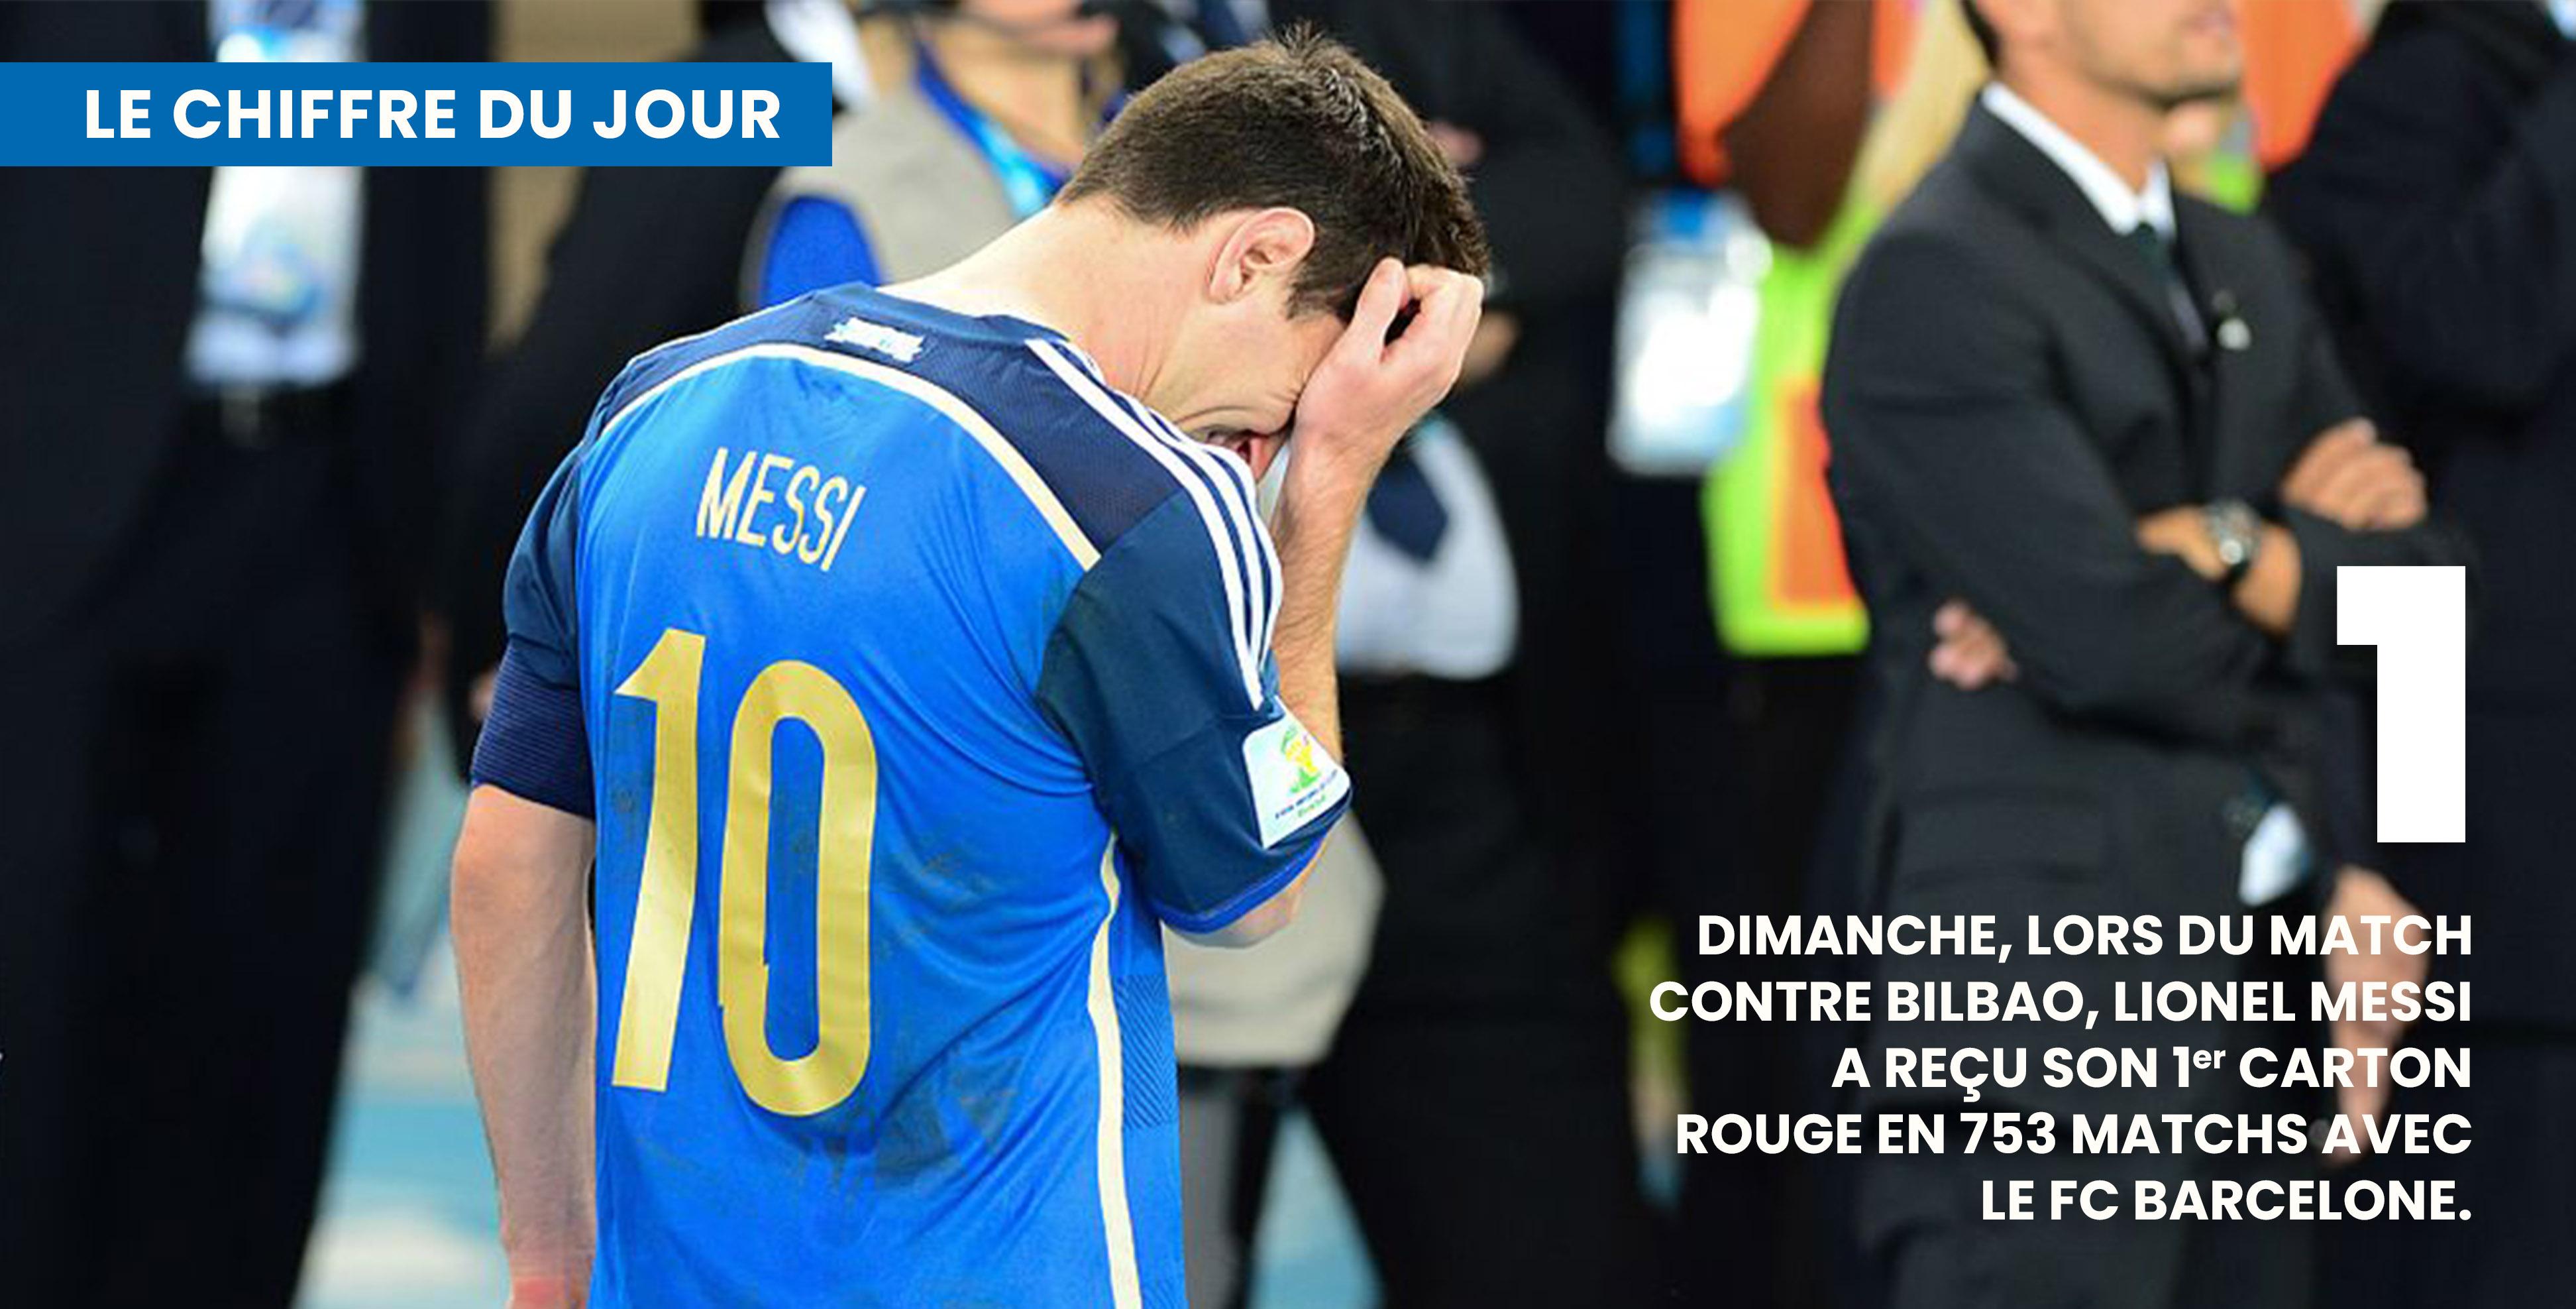 """Dimanche, Messi a vu rouge. Une saison difficile pour """"la pulga"""" © DR"""